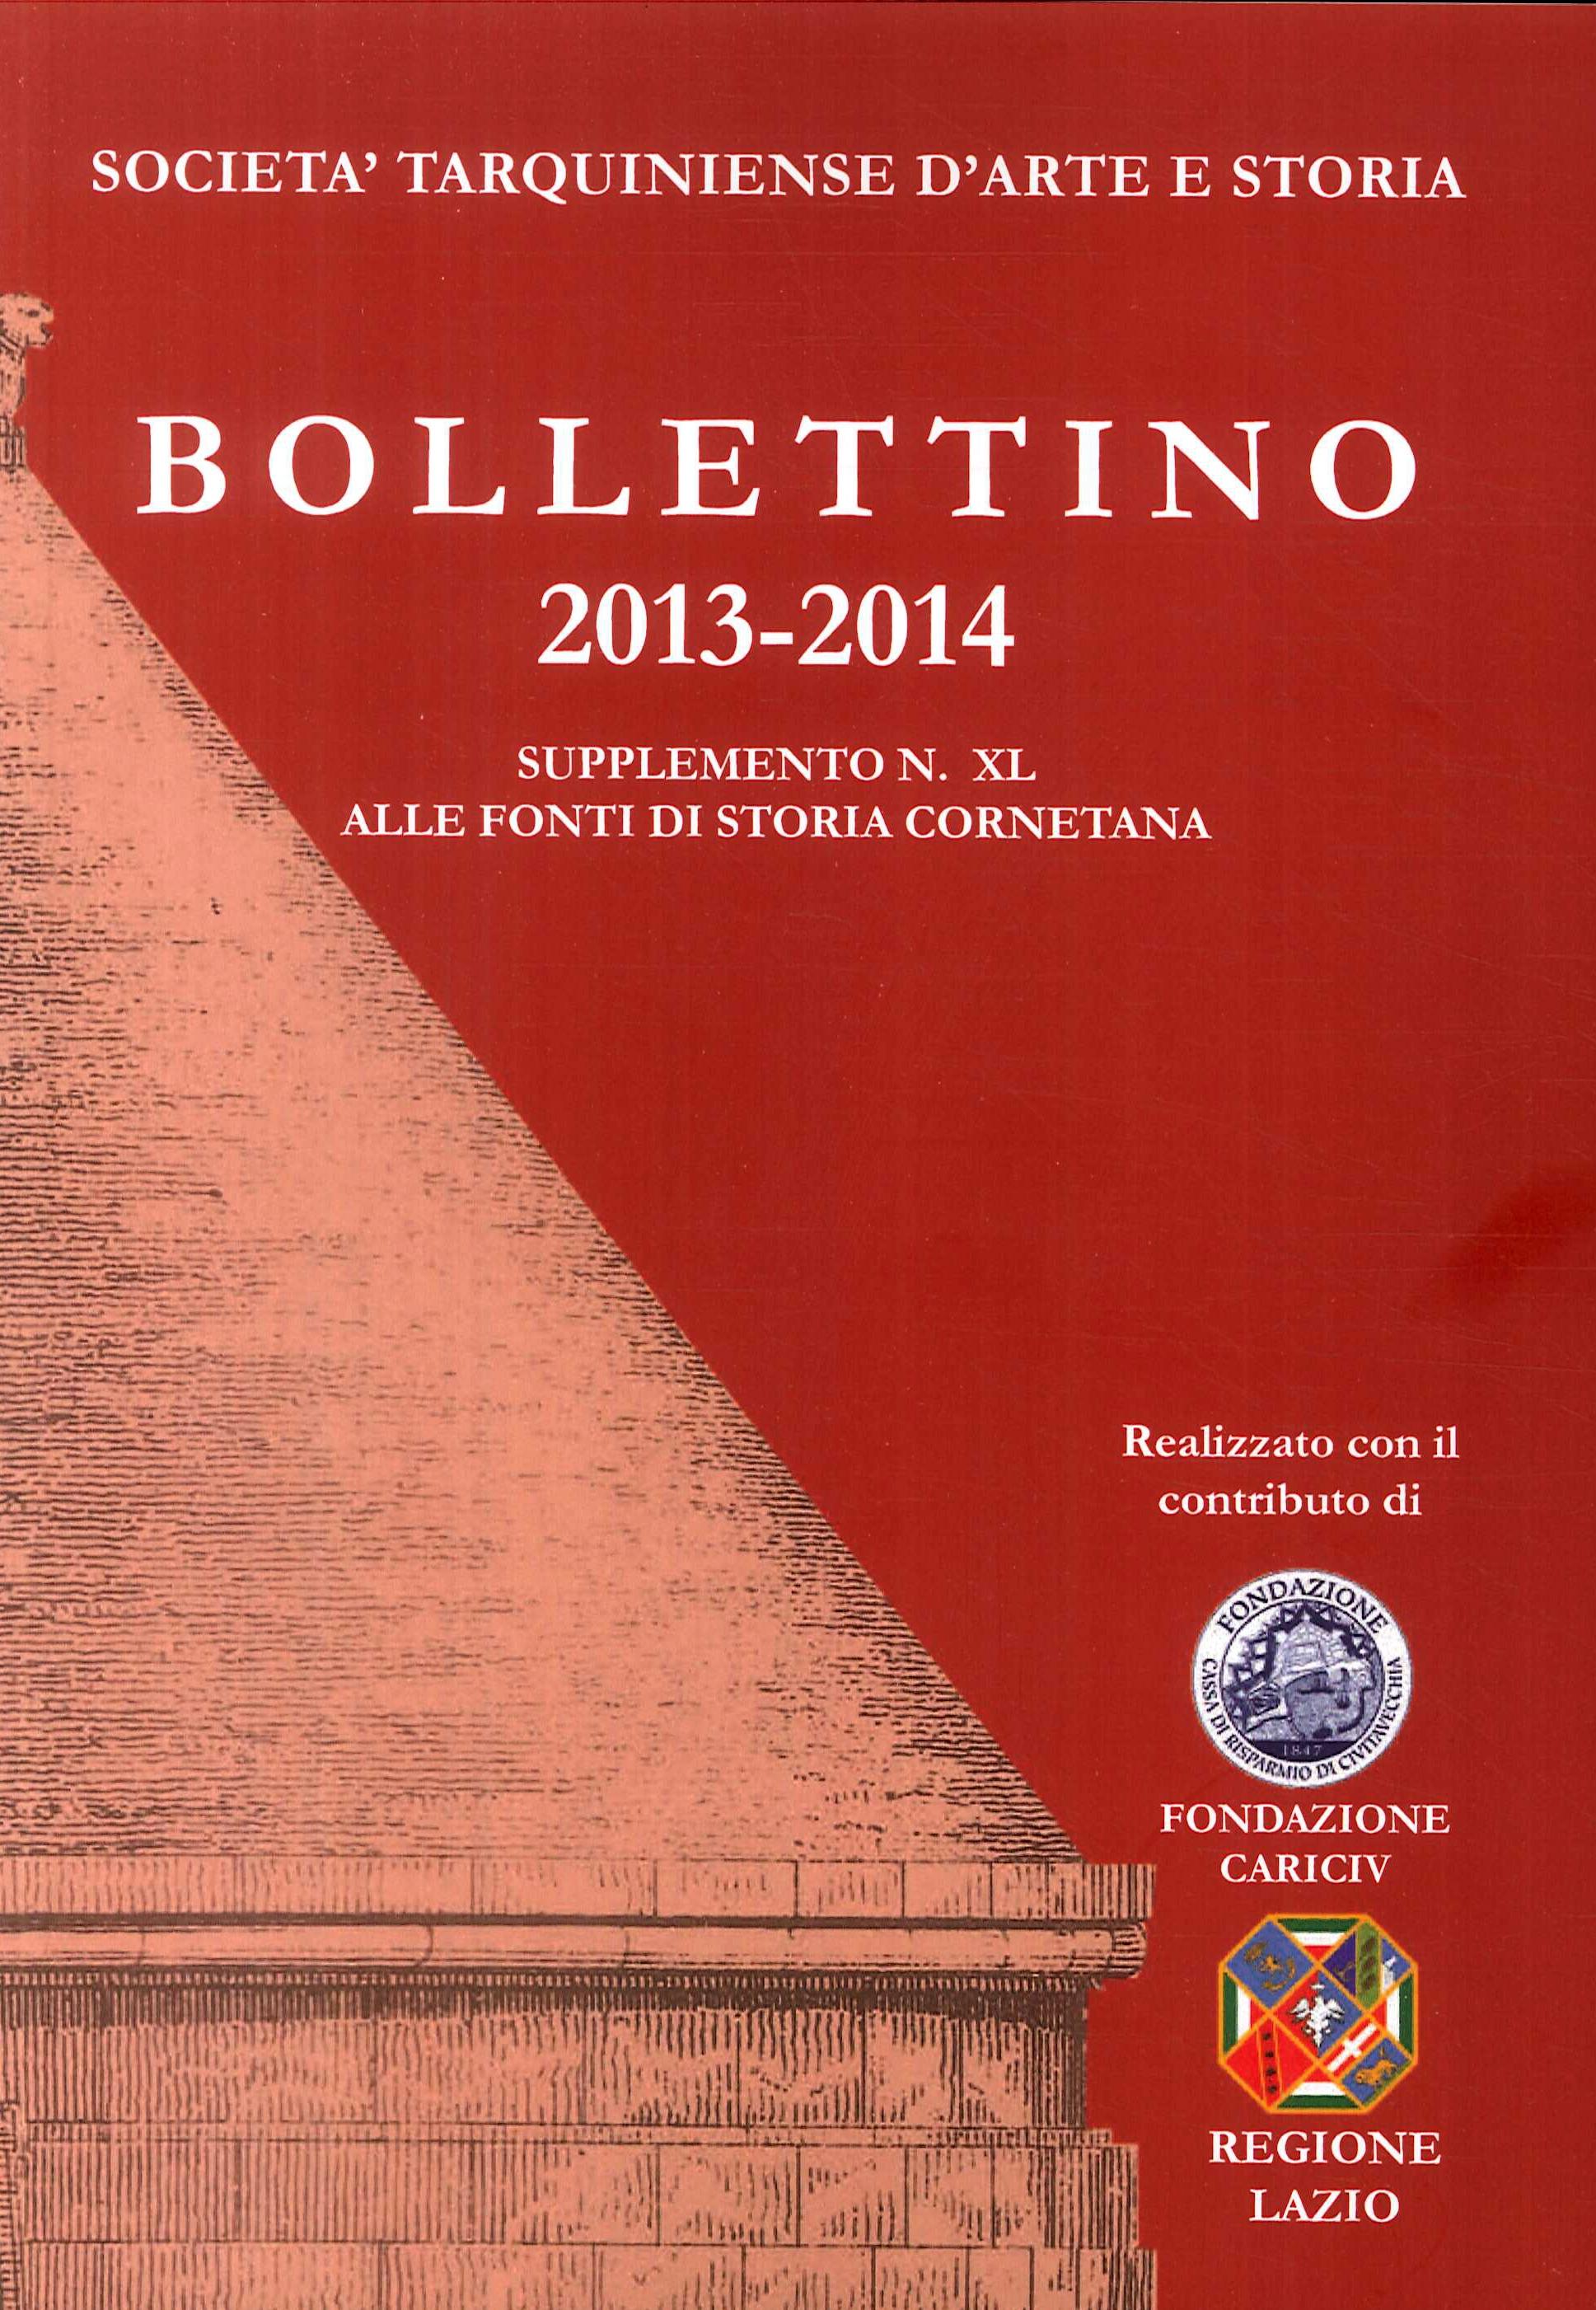 Bollettino STAS (2013-2014). Supplemento 49 alle fonti di storia cornetana.